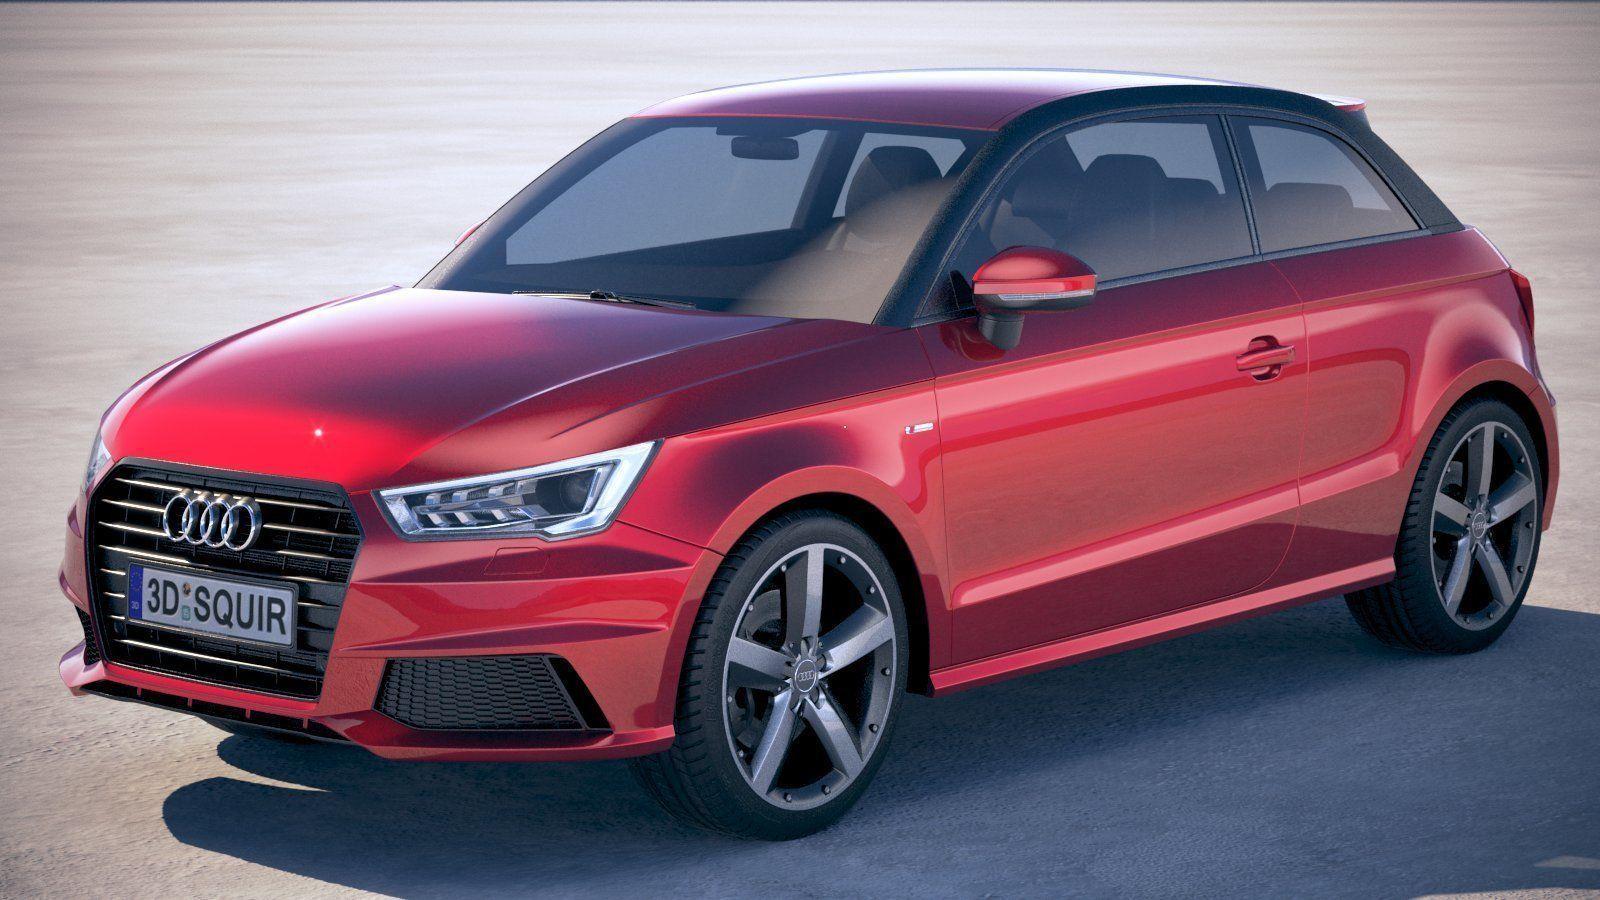 Audi A1 S-line 2017